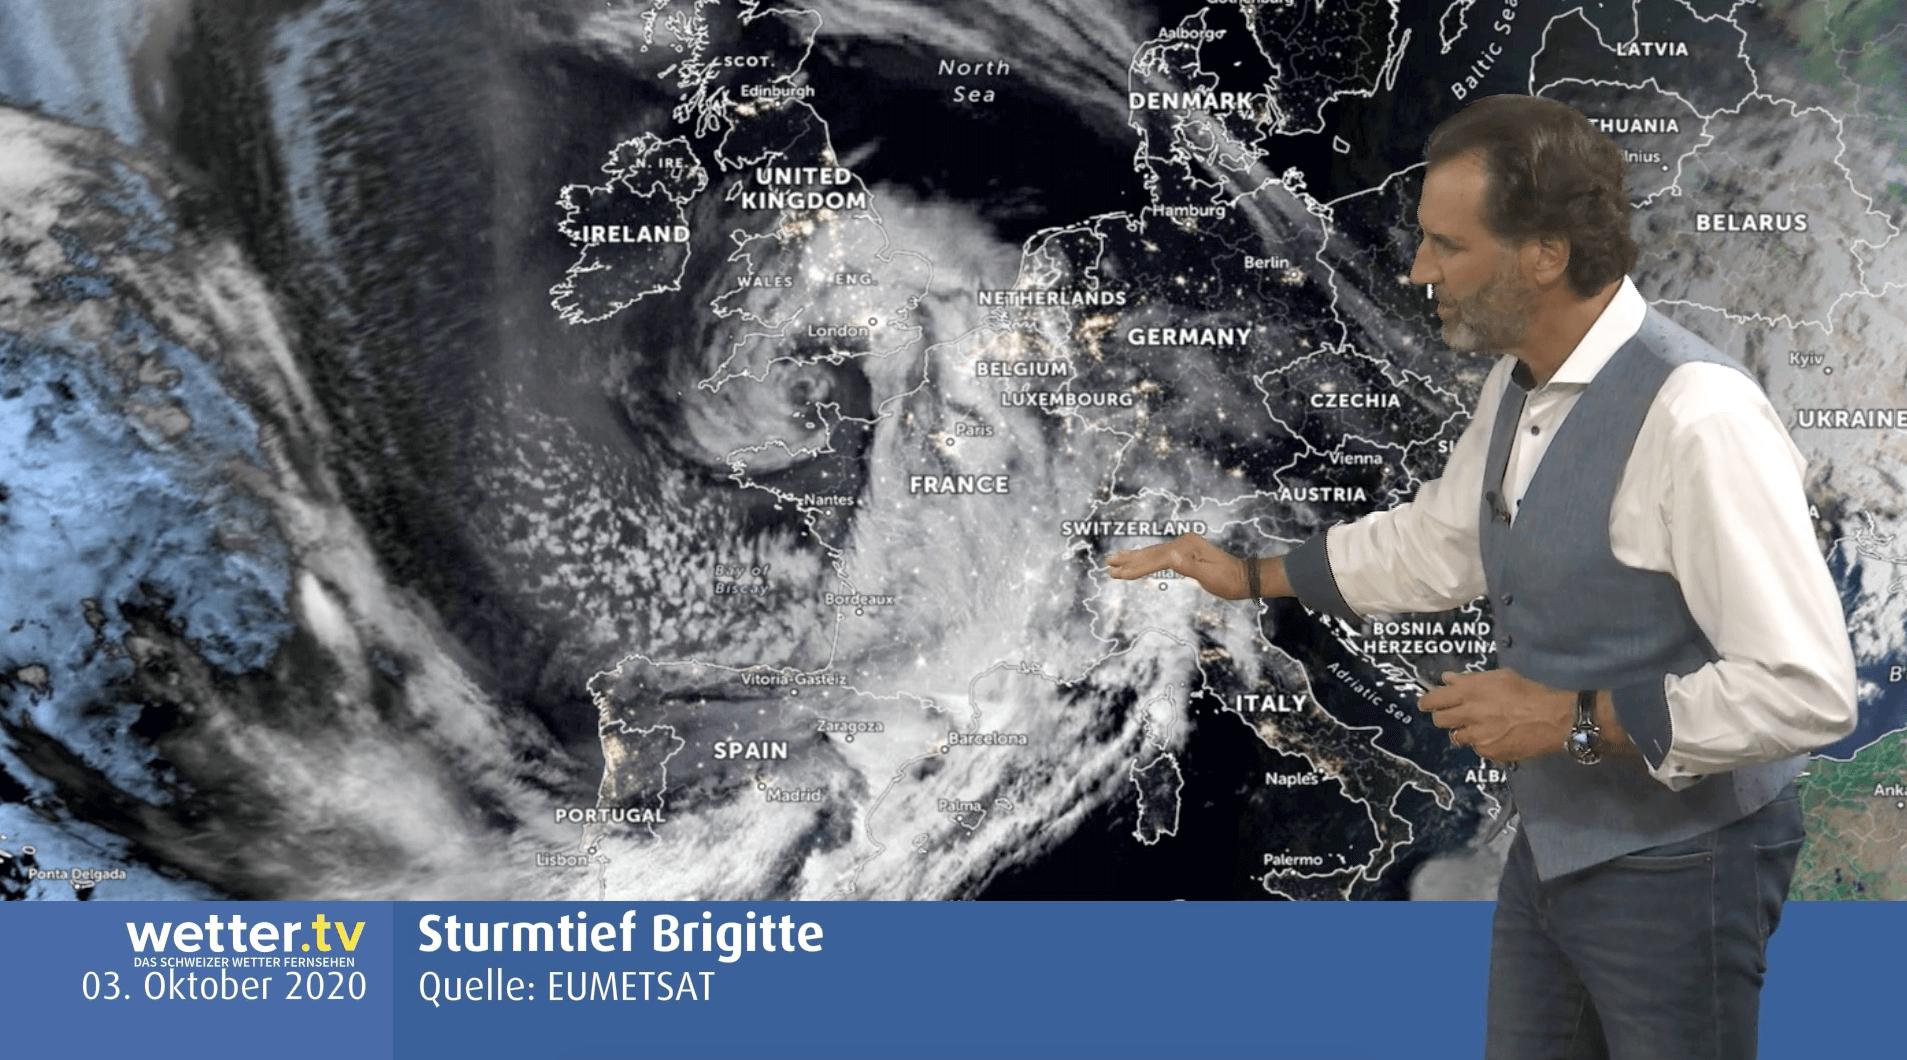 Wilde Wetter Welt vom 05. Oktober 2020